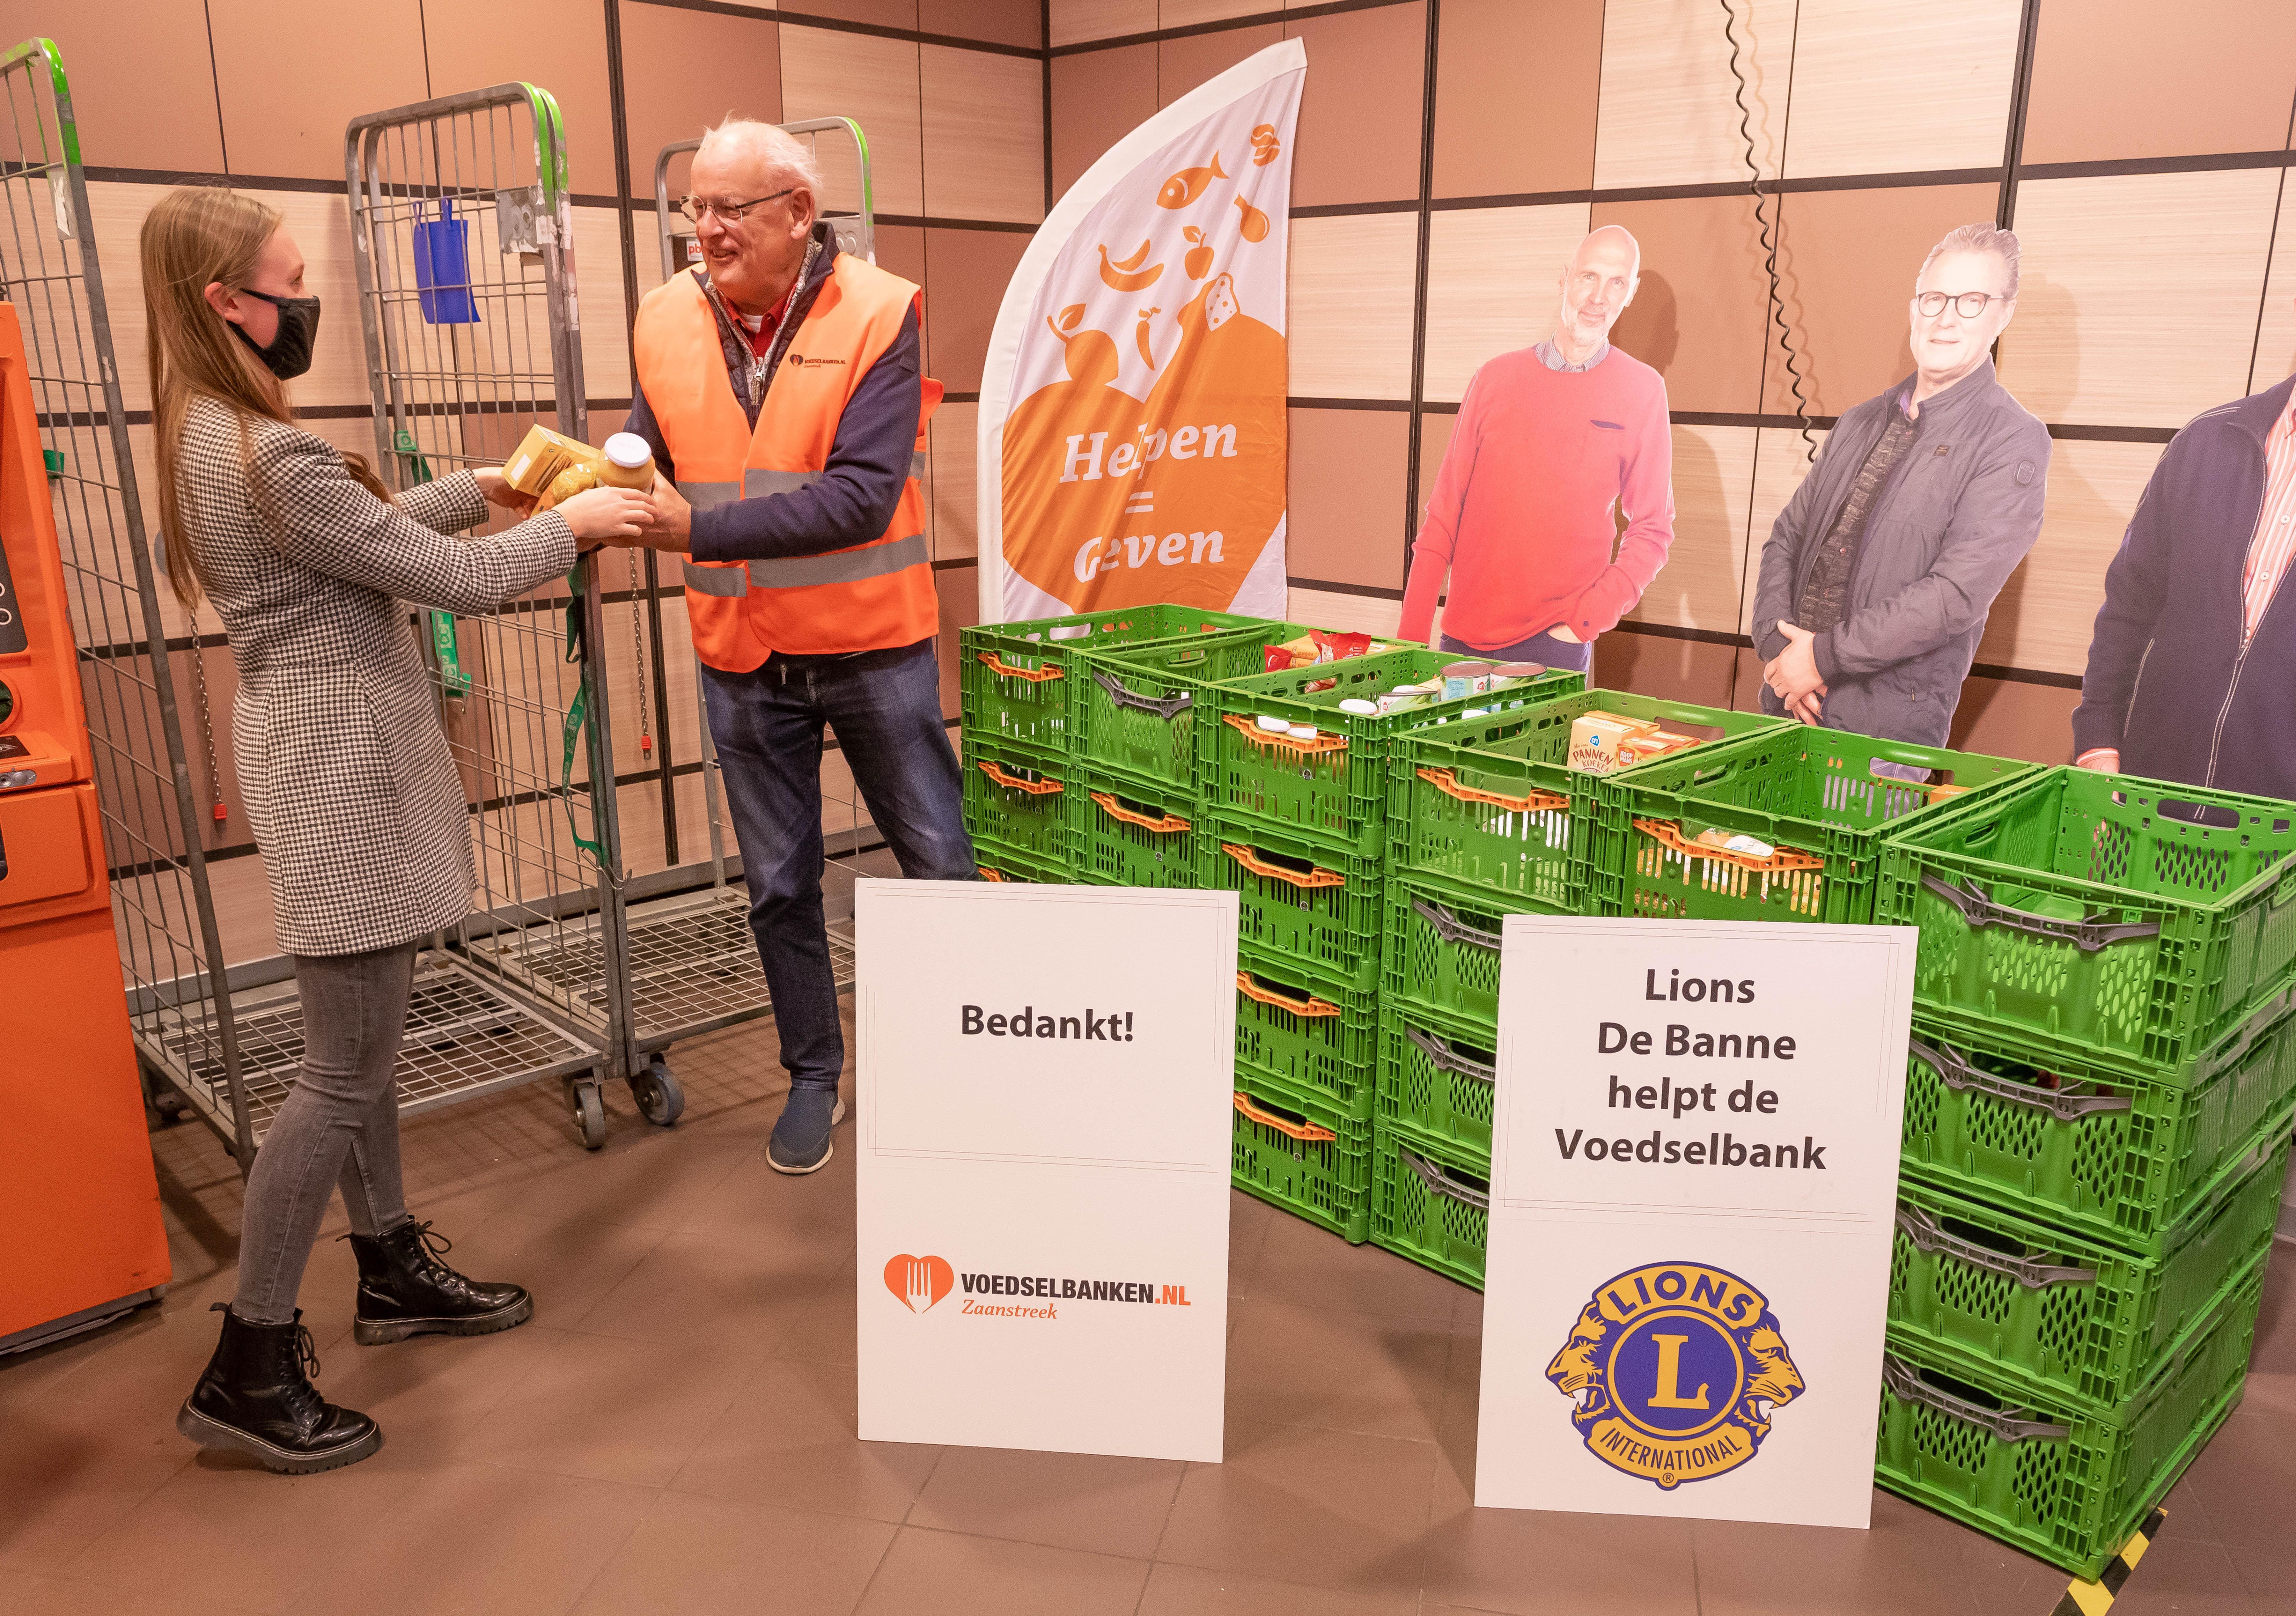 Niet veel soeps: inzamelingsactie Voedselbank Zaanstreek doet het zonder vrijwilligers